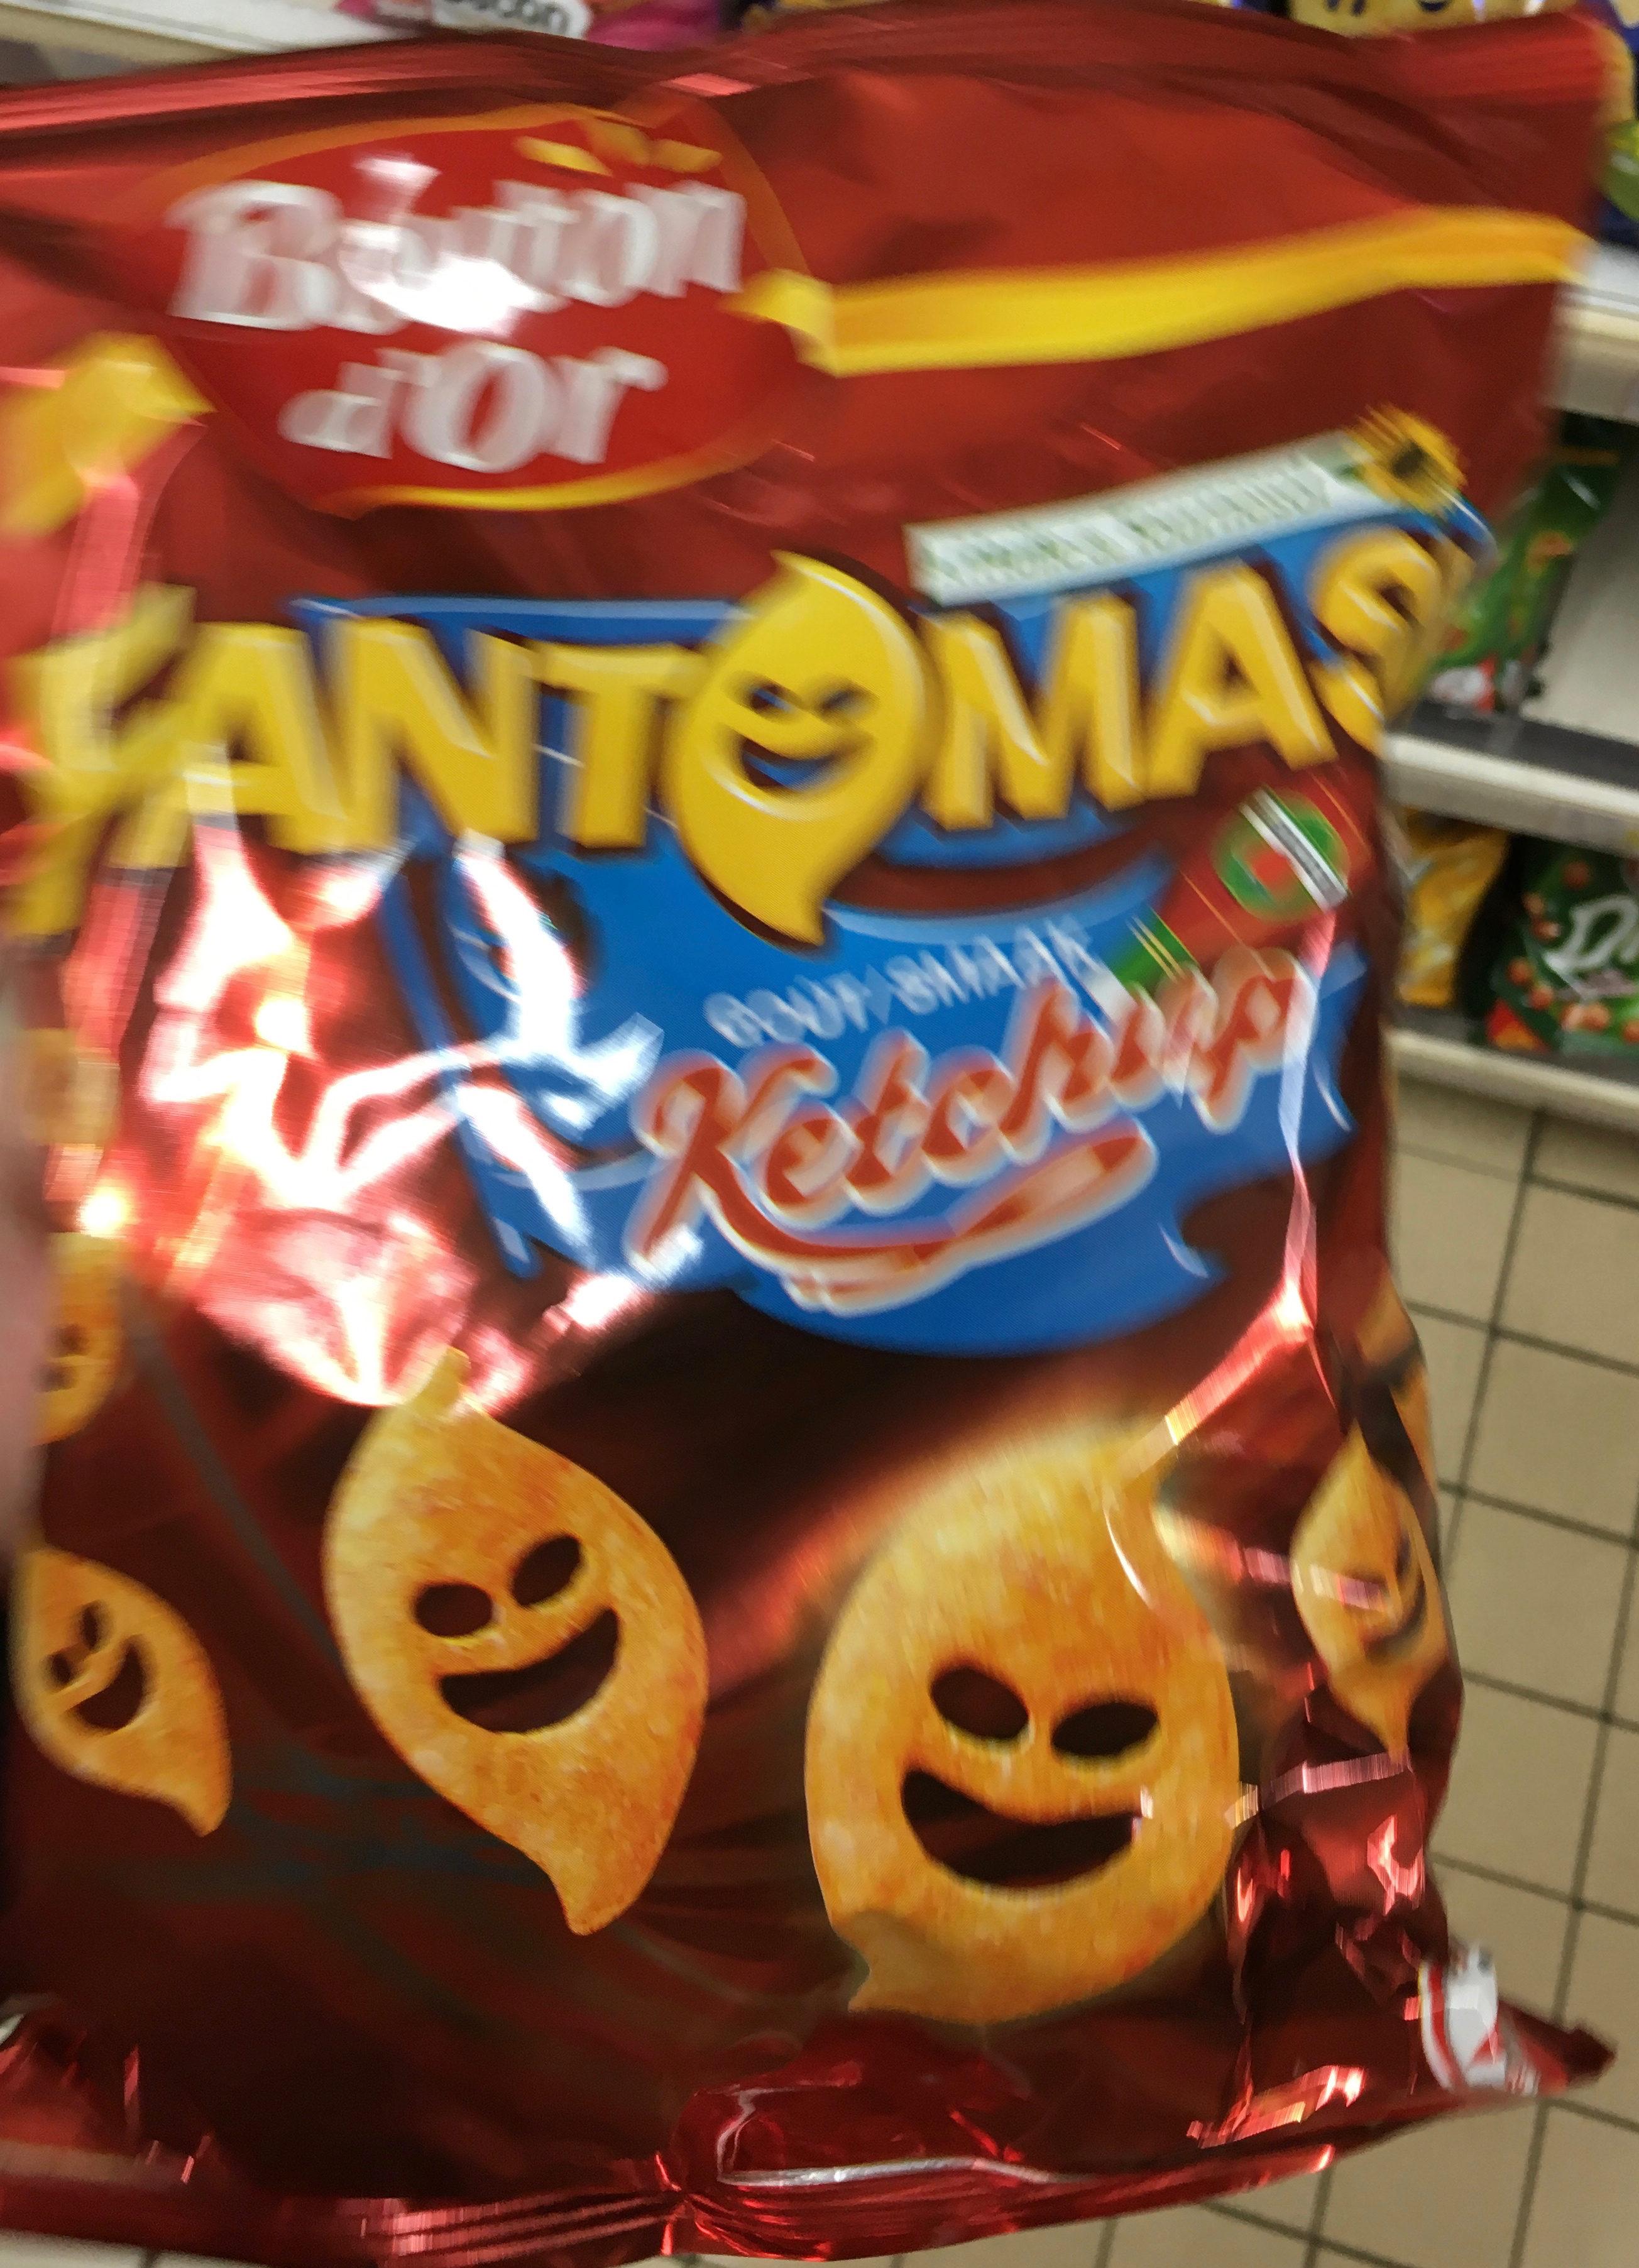 Fantomas Ketchup - Product